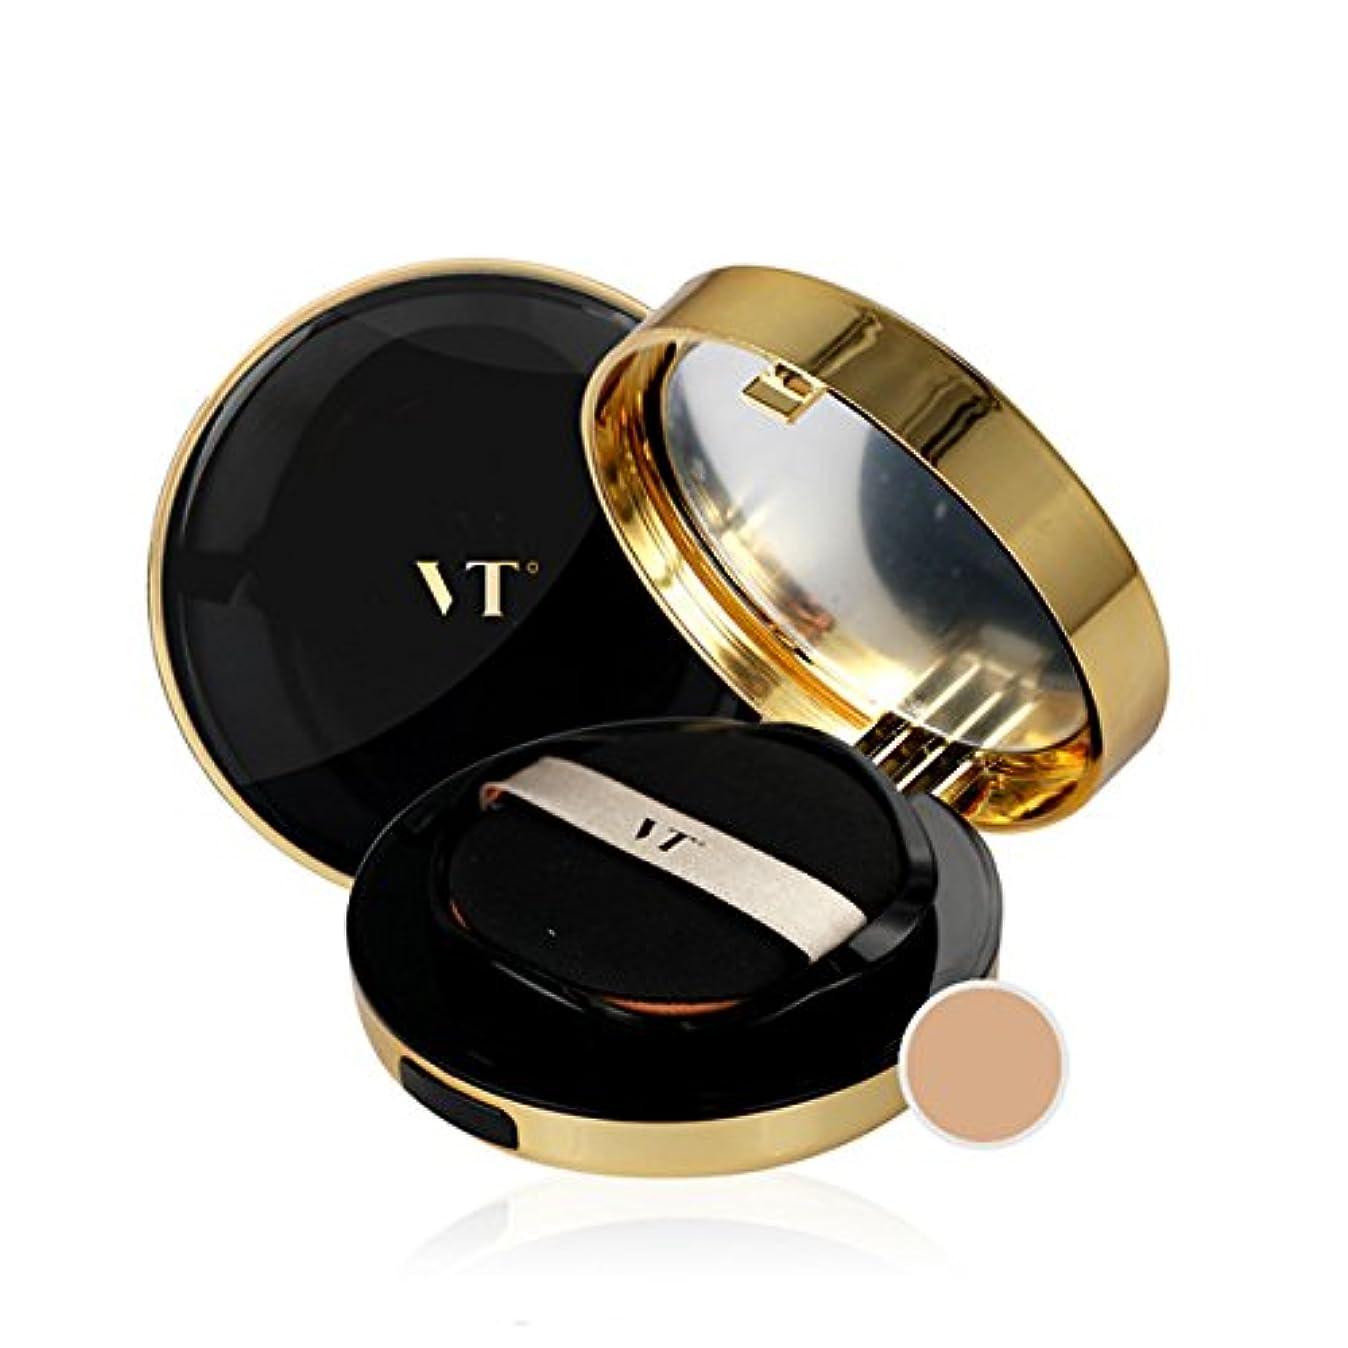 磁器浮く取り付けバント36.5(VANT36.5)エッセンス スキン ファンデーション パクト(Essence Skin Foundation Pact)SPF50/PA+++ 12g